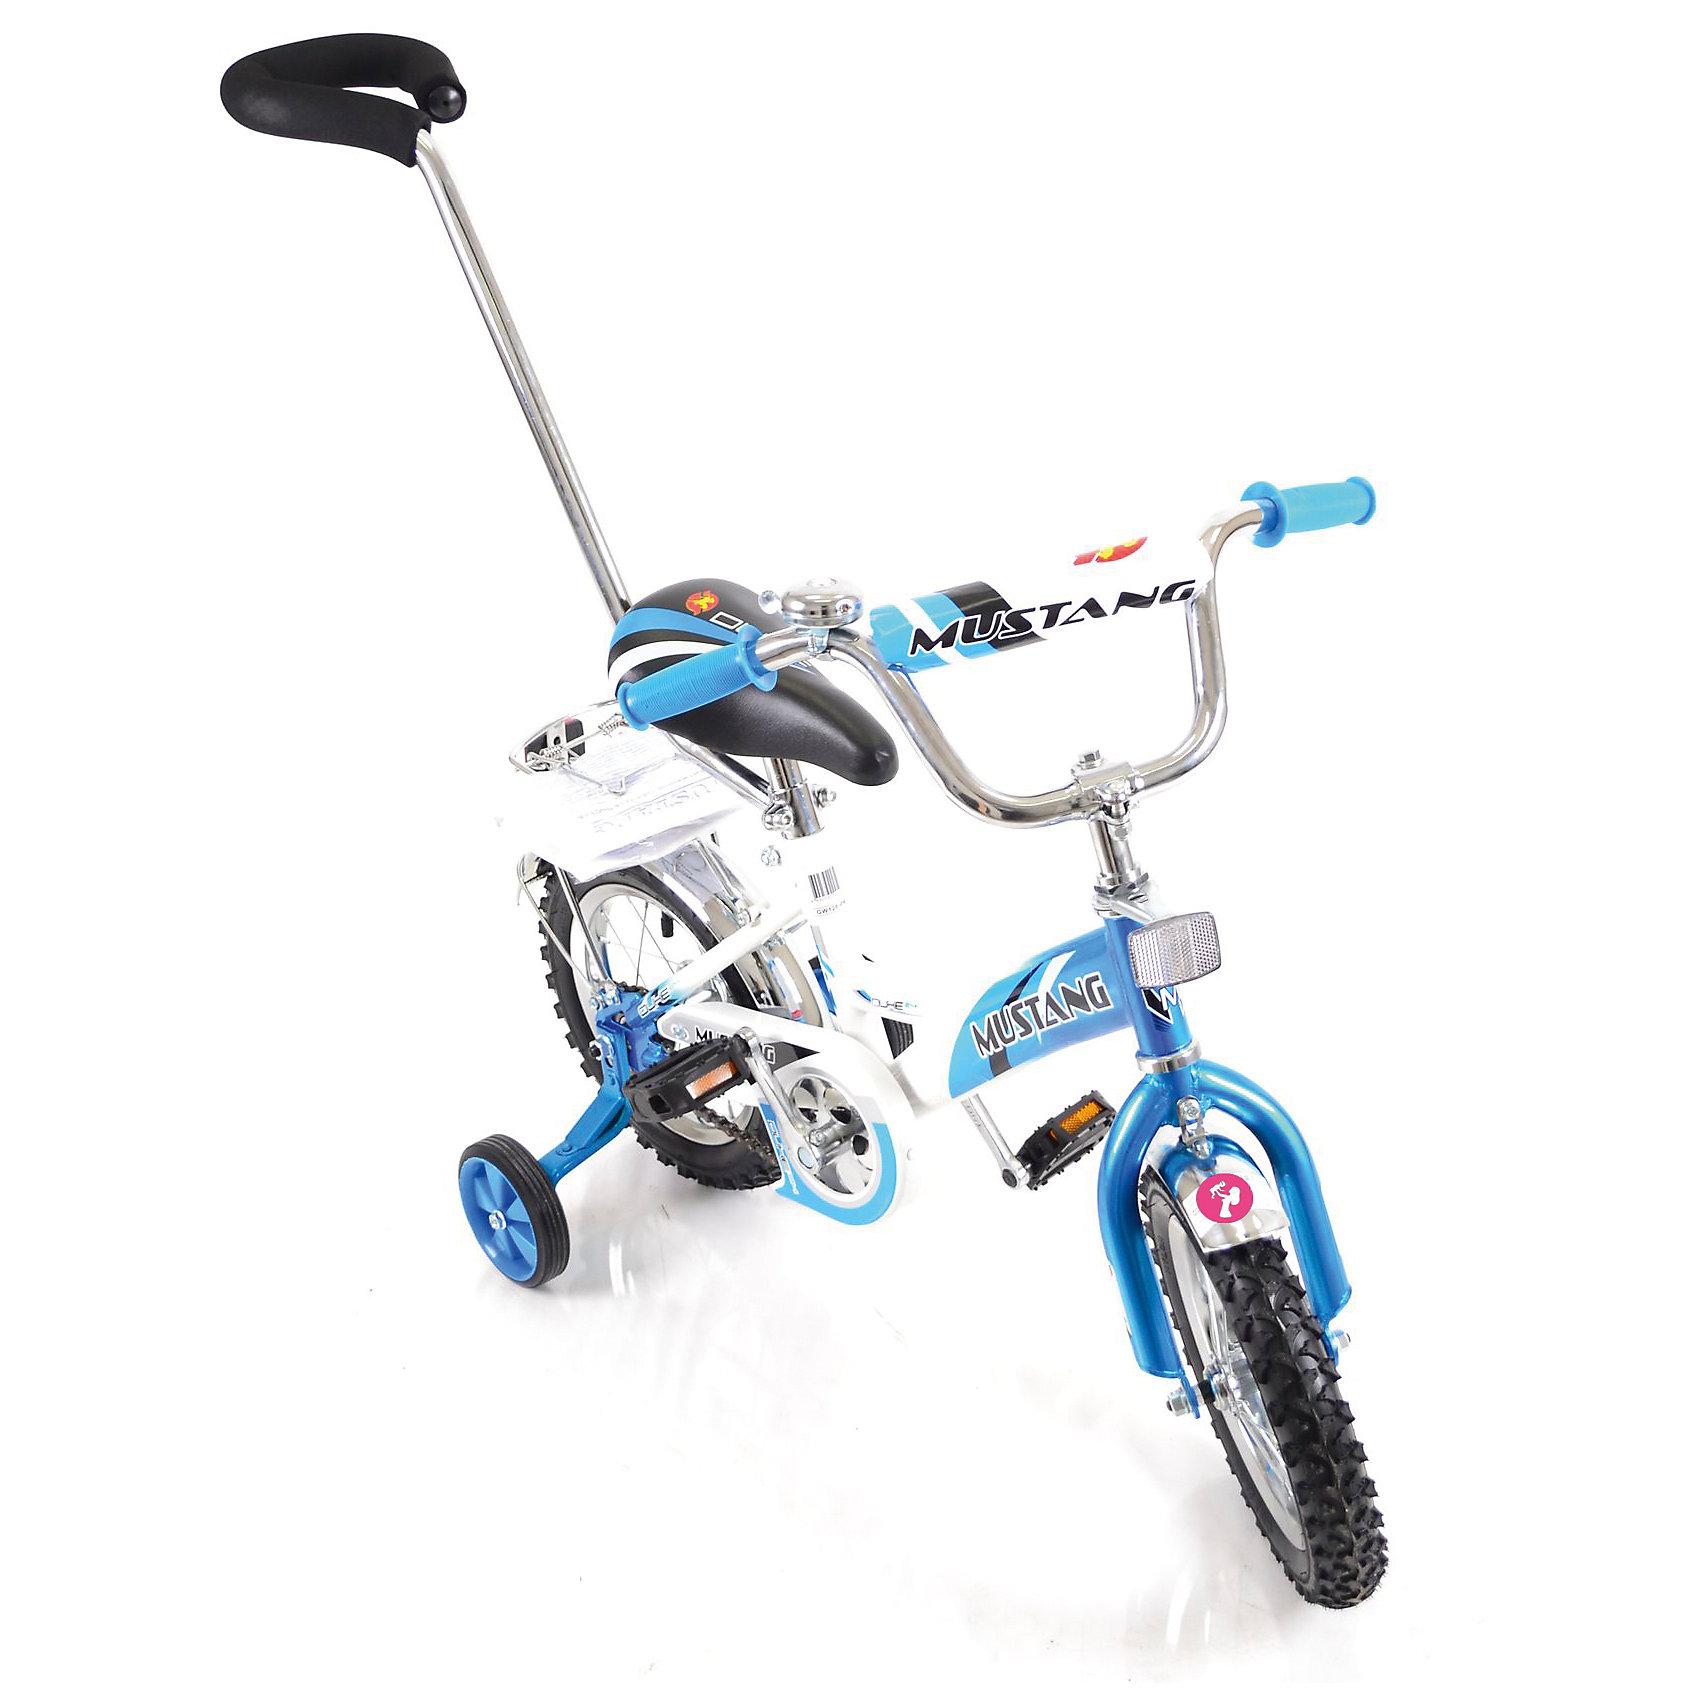 """Детский велосипед,  12,  синий/белый, MustangВелосипеды детские<br>Характеристики товара:<br><br>• цвет: синий, белый<br>• низкая Push-рама<br>• диаметр колес: 30 см (12)<br>• 1 скорость<br>• задний ножной тормоз<br>• регулируемый хромированный руль BMX с защитной накладкой<br>• багажник<br>• звонок<br>• приставные пластиковые колеса с усиленным кронштейном<br>• усиленные хромированные крылья<br>• съемная ручка-толкатель<br>• полная защита цепи """"Р"""" типа<br>• вес: 10,4 кг<br>• размер в собранном виде: 85х50х90 см<br>• допустимый вес: до 35 кг<br>• рекомендуемый возраст: от 12 мес<br>• страна производства: Китай<br><br>Велосипед детский «Mustang» 12"""" можно купить в нашем магазине.<br><br>Ширина мм: 850<br>Глубина мм: 500<br>Высота мм: 900<br>Вес г: 10400<br>Возраст от месяцев: 12<br>Возраст до месяцев: 60<br>Пол: Мужской<br>Возраст: Детский<br>SKU: 5526392"""